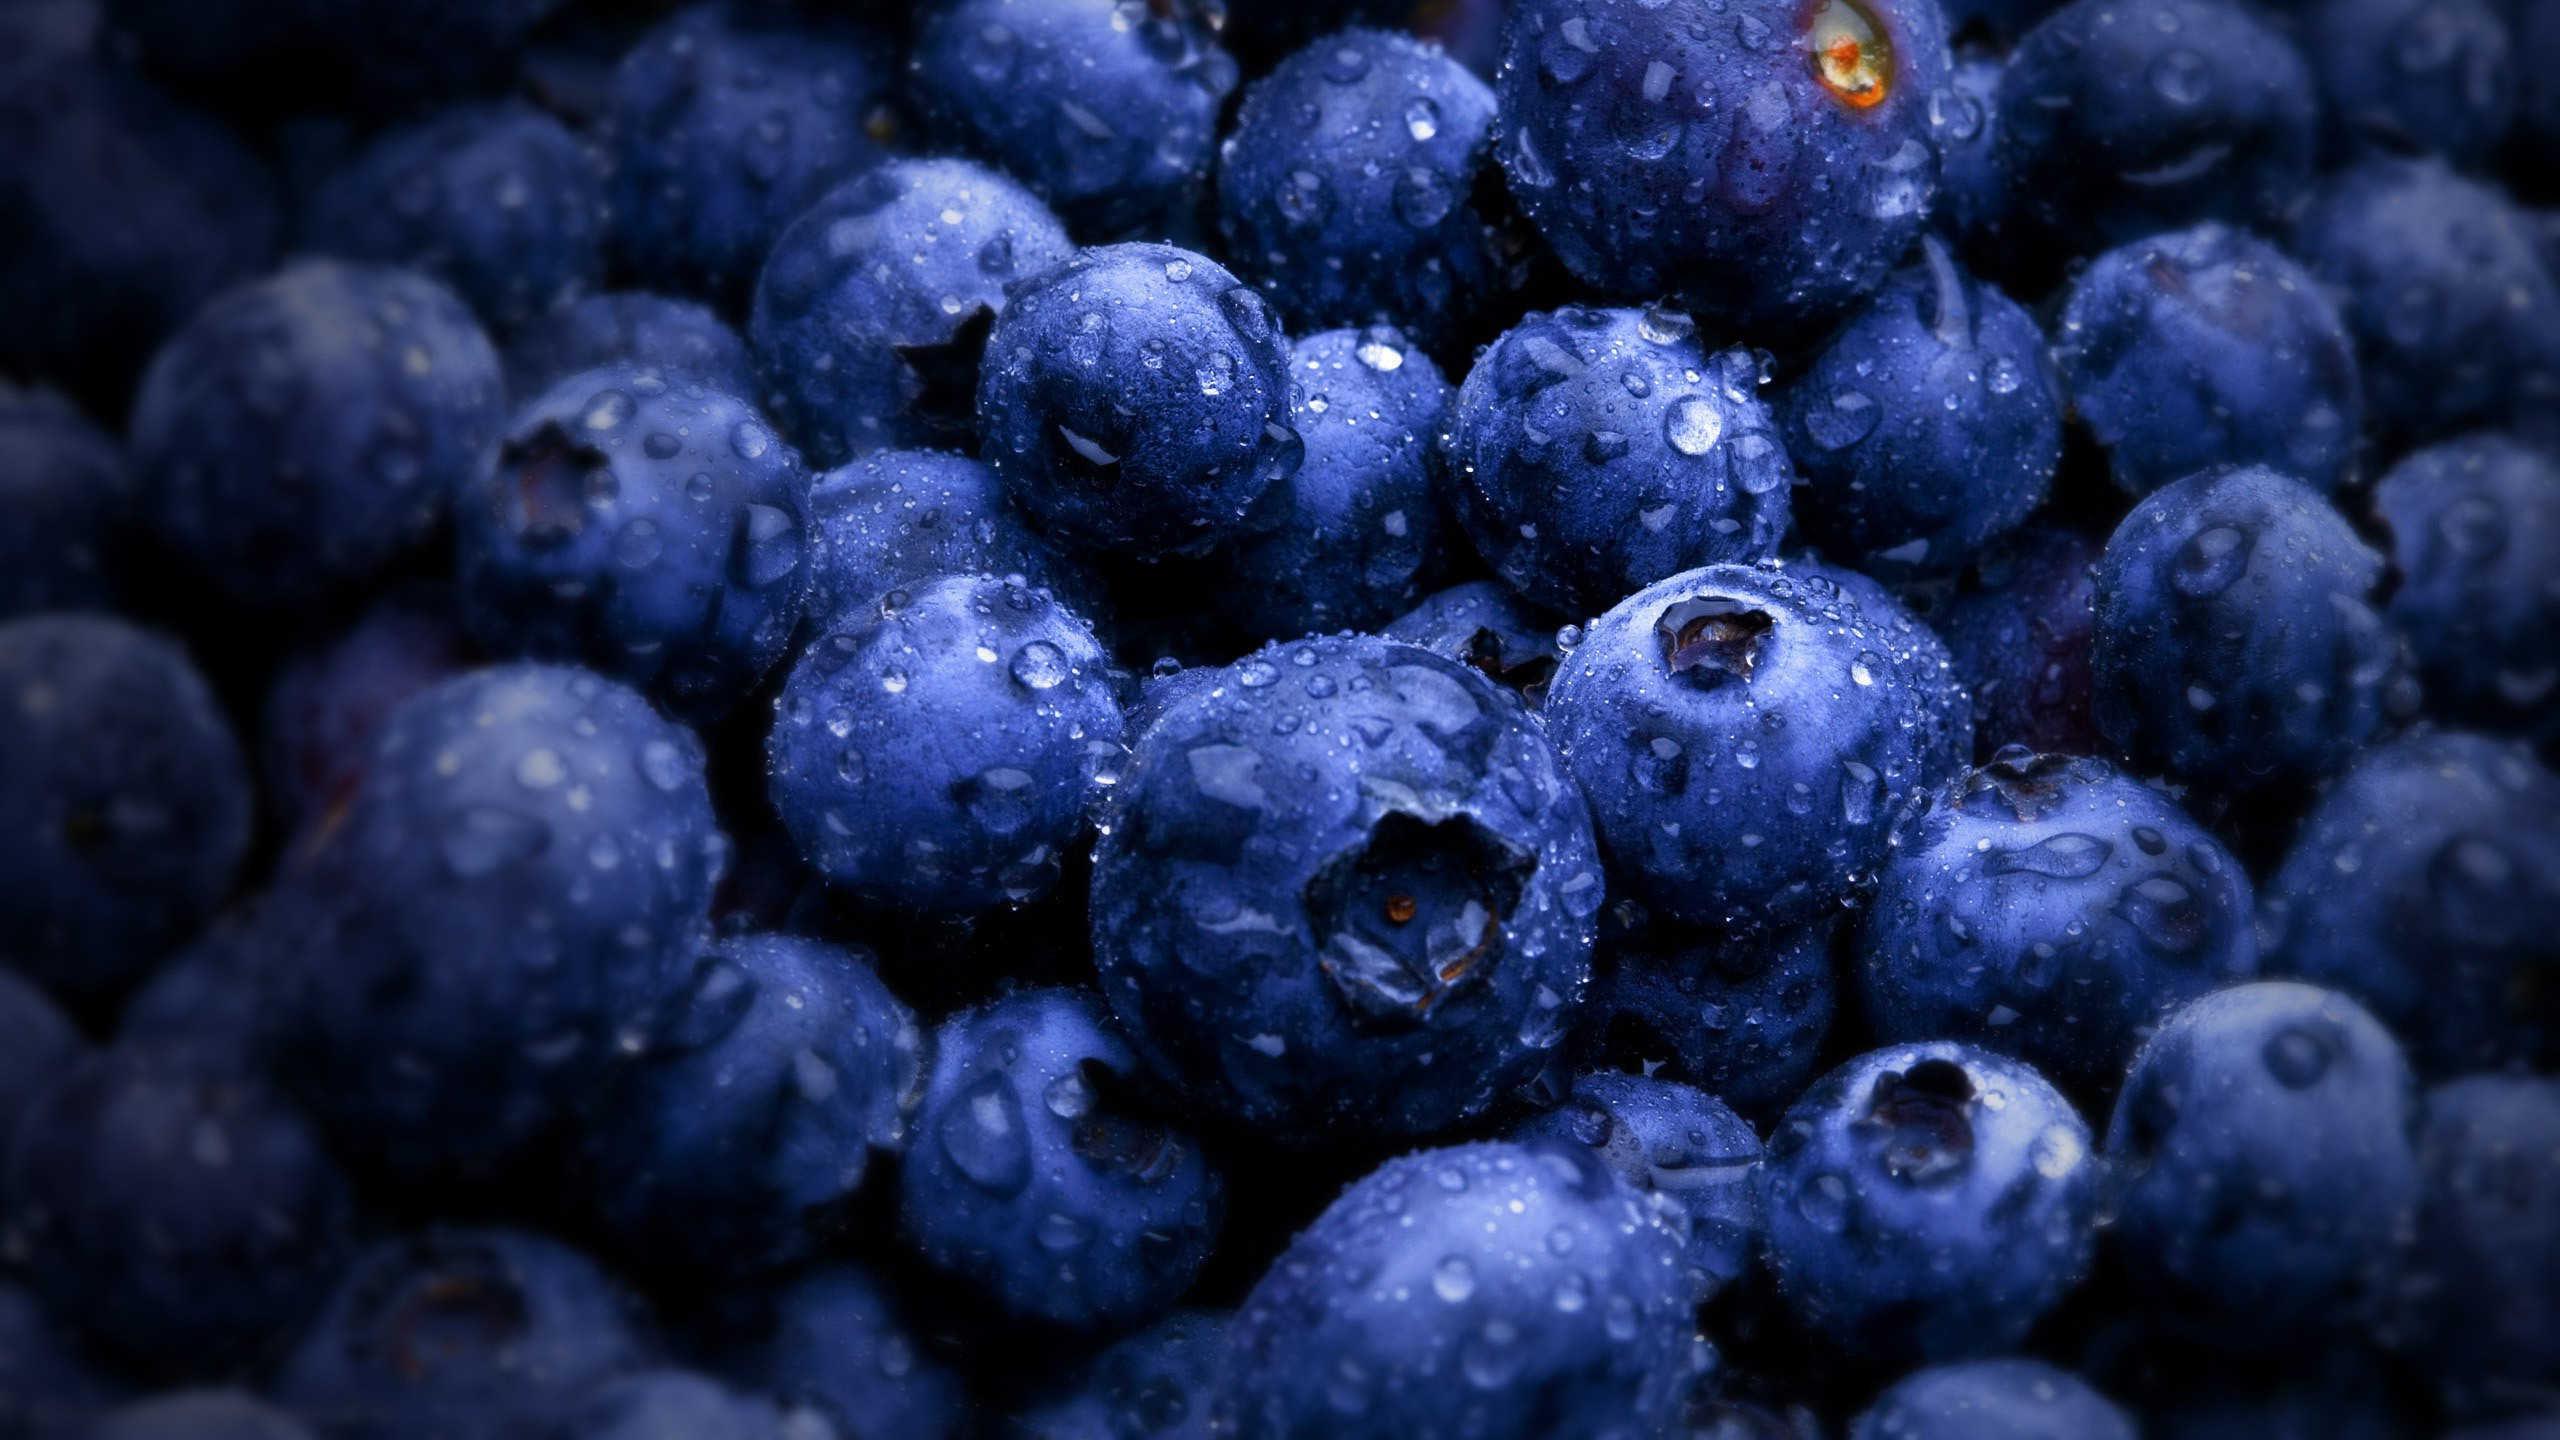 Blueberry Wallpaper HD